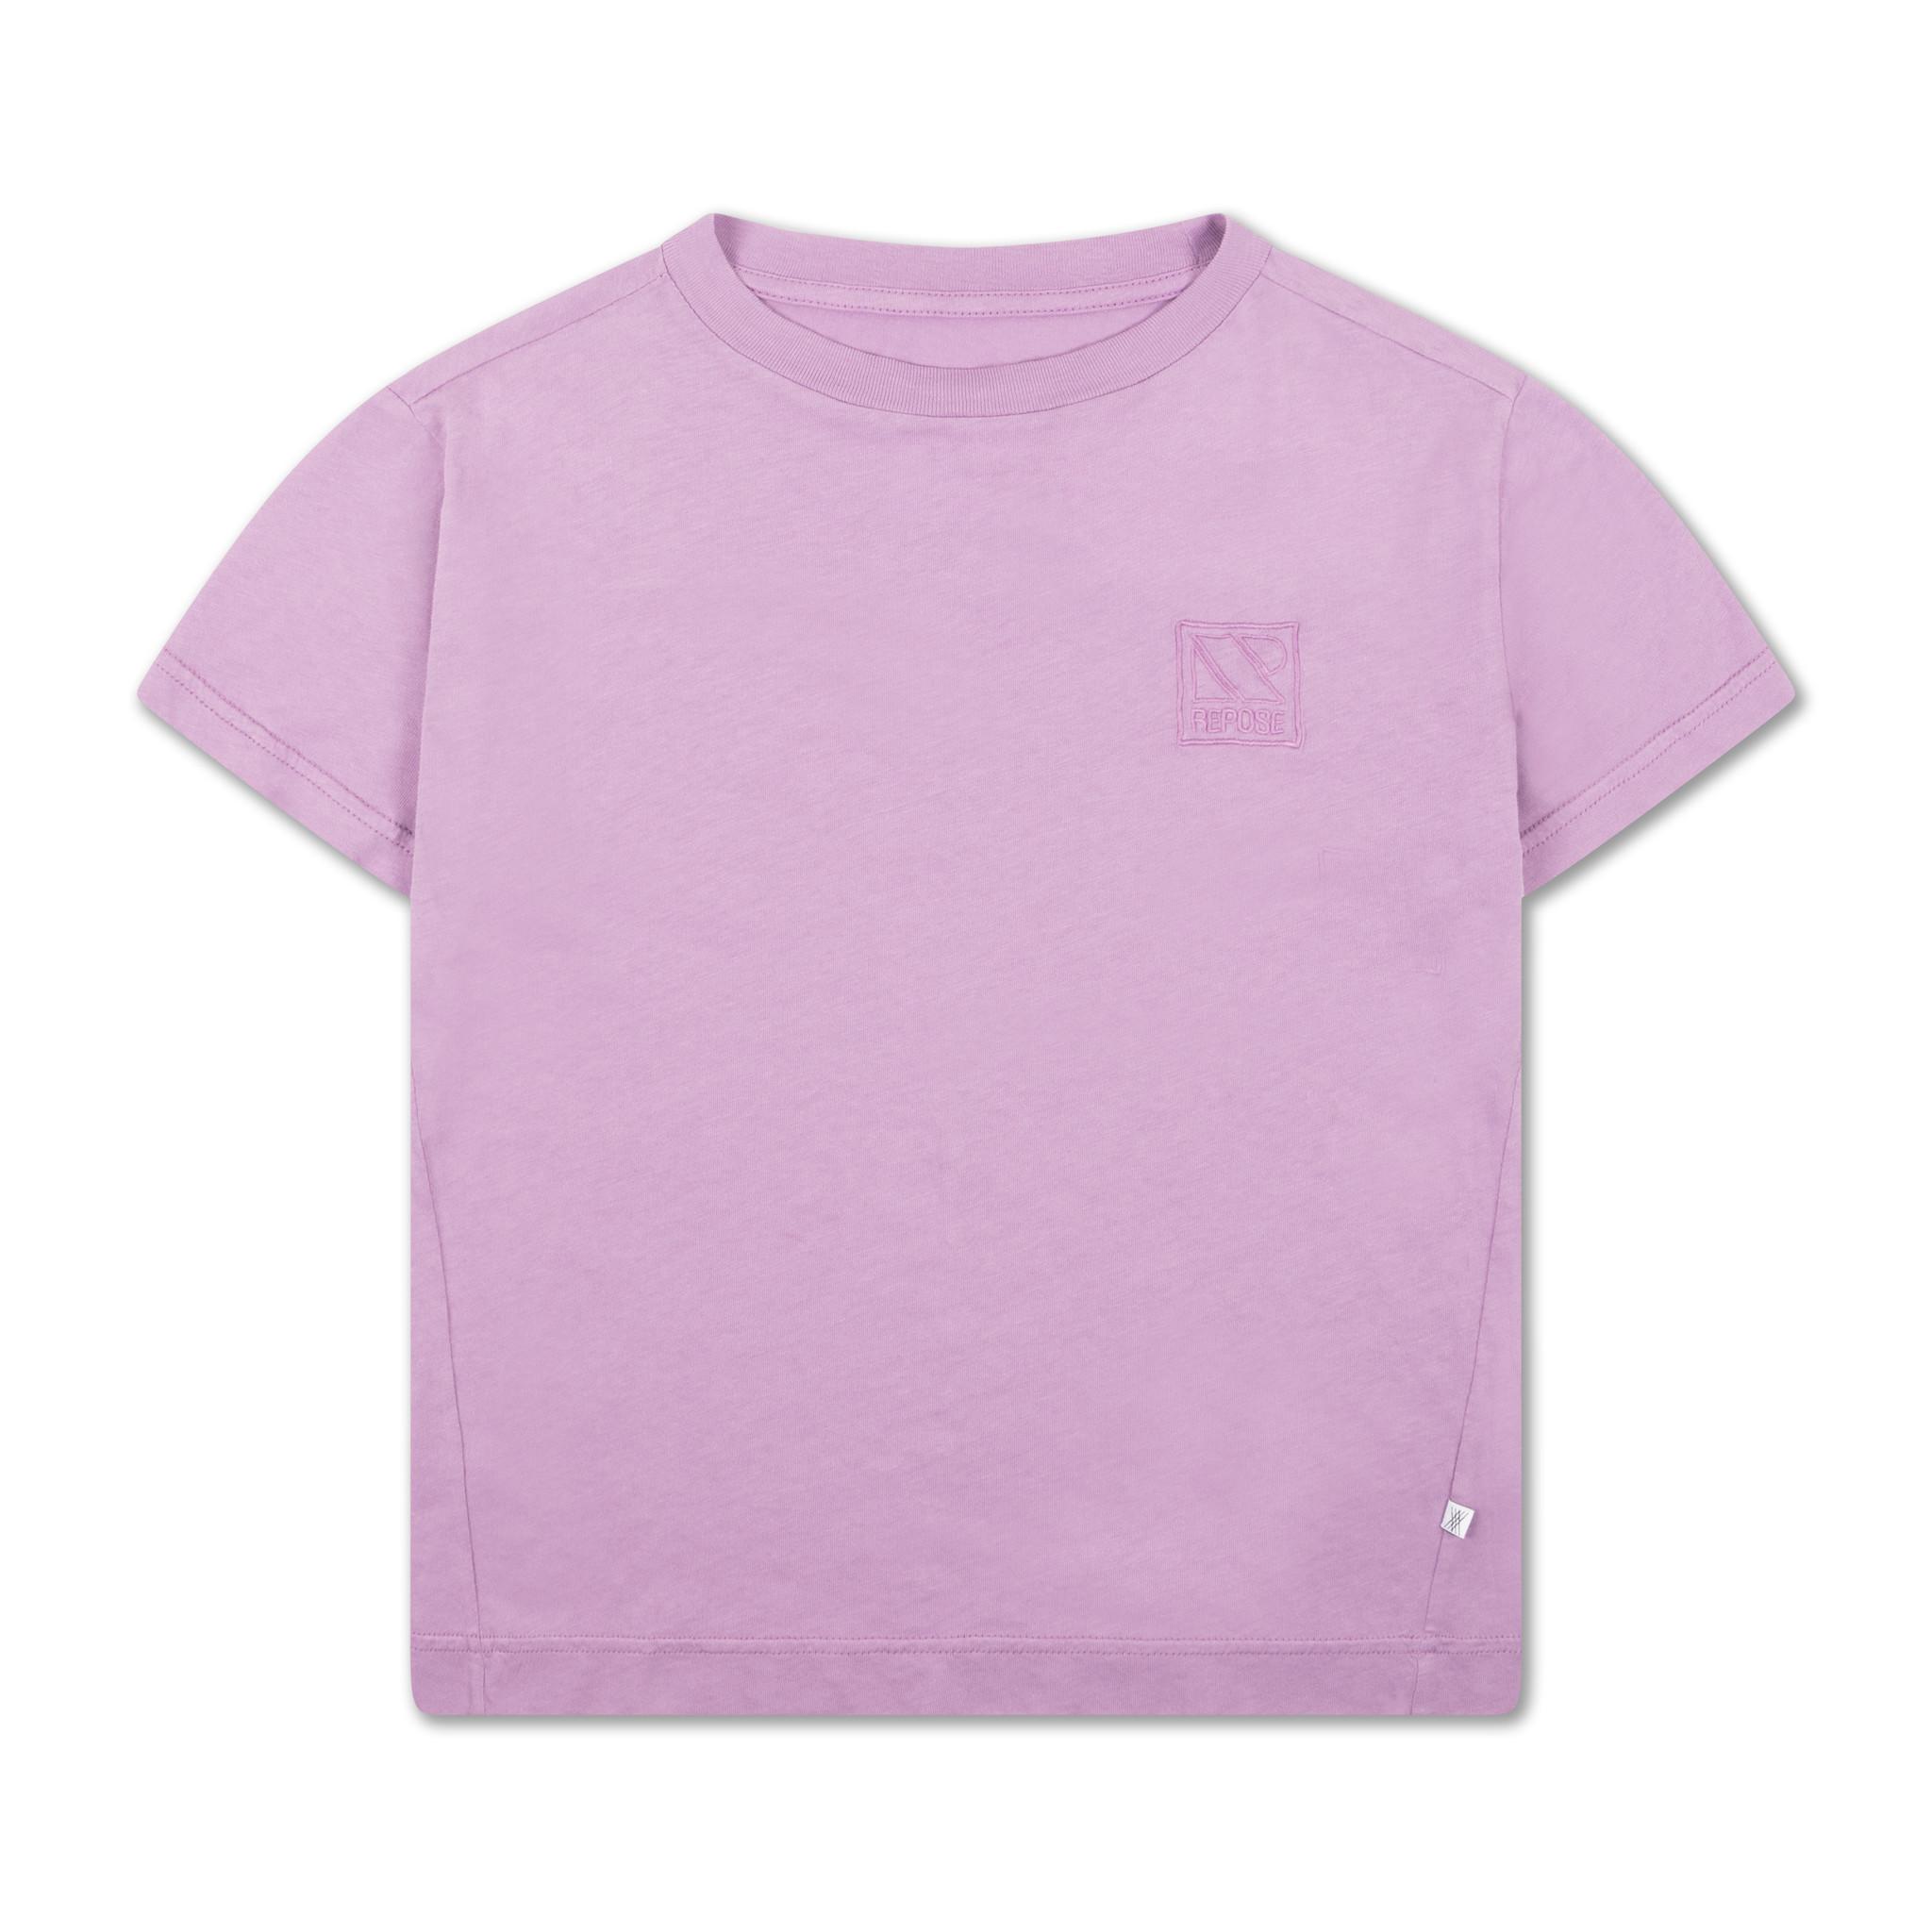 Tee - Greyish Violet-1